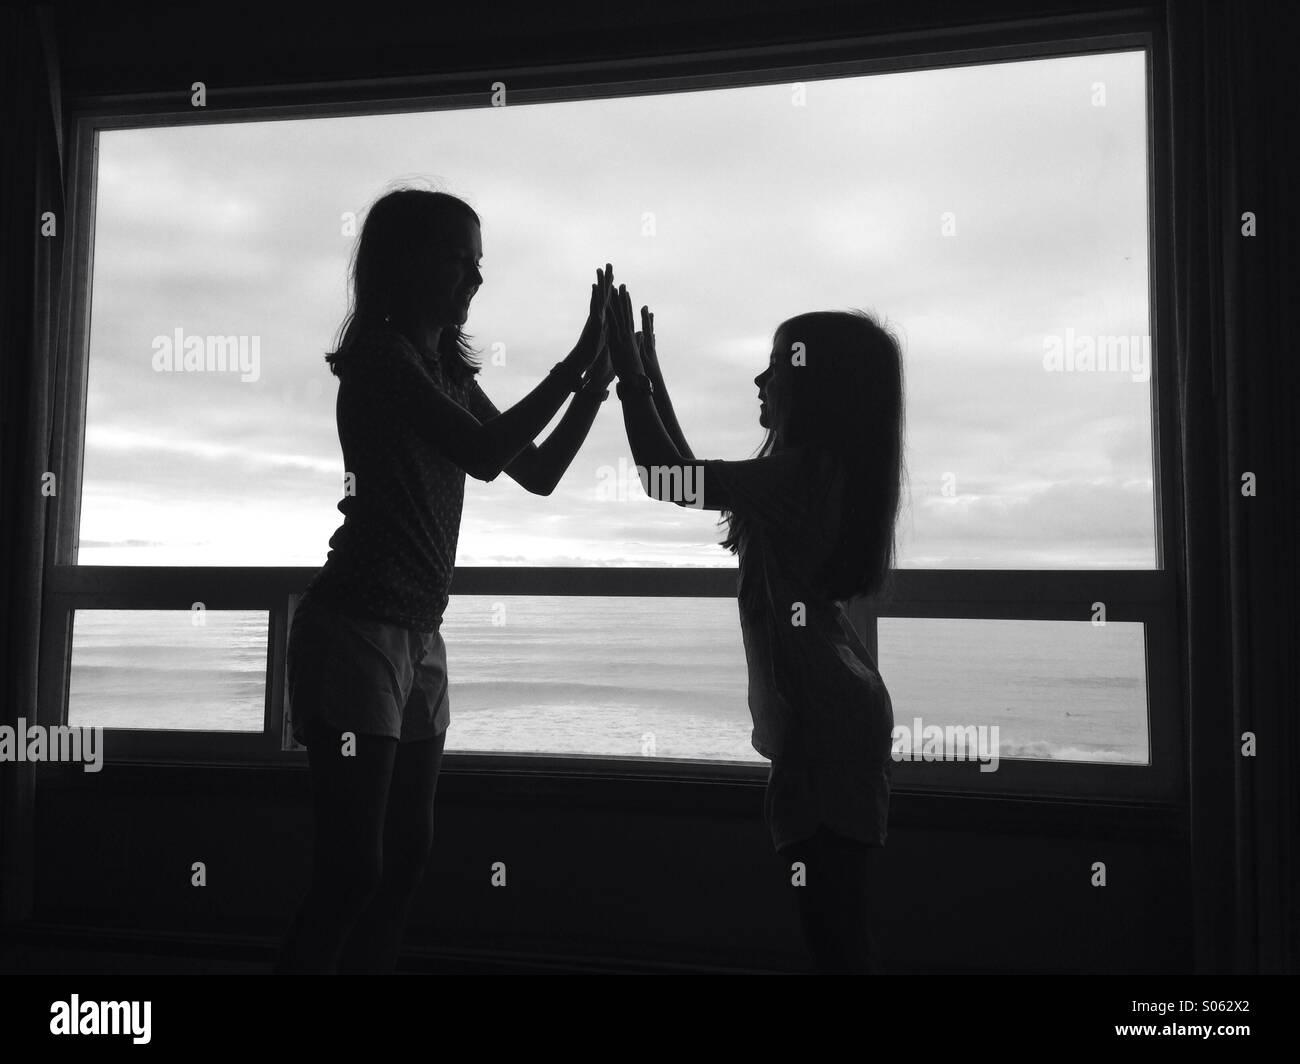 Zwei Mädchen in der Silhouette hohe fünf vor ein Panoramafenster. Das Bild ist schwarz und weiß. Stockbild